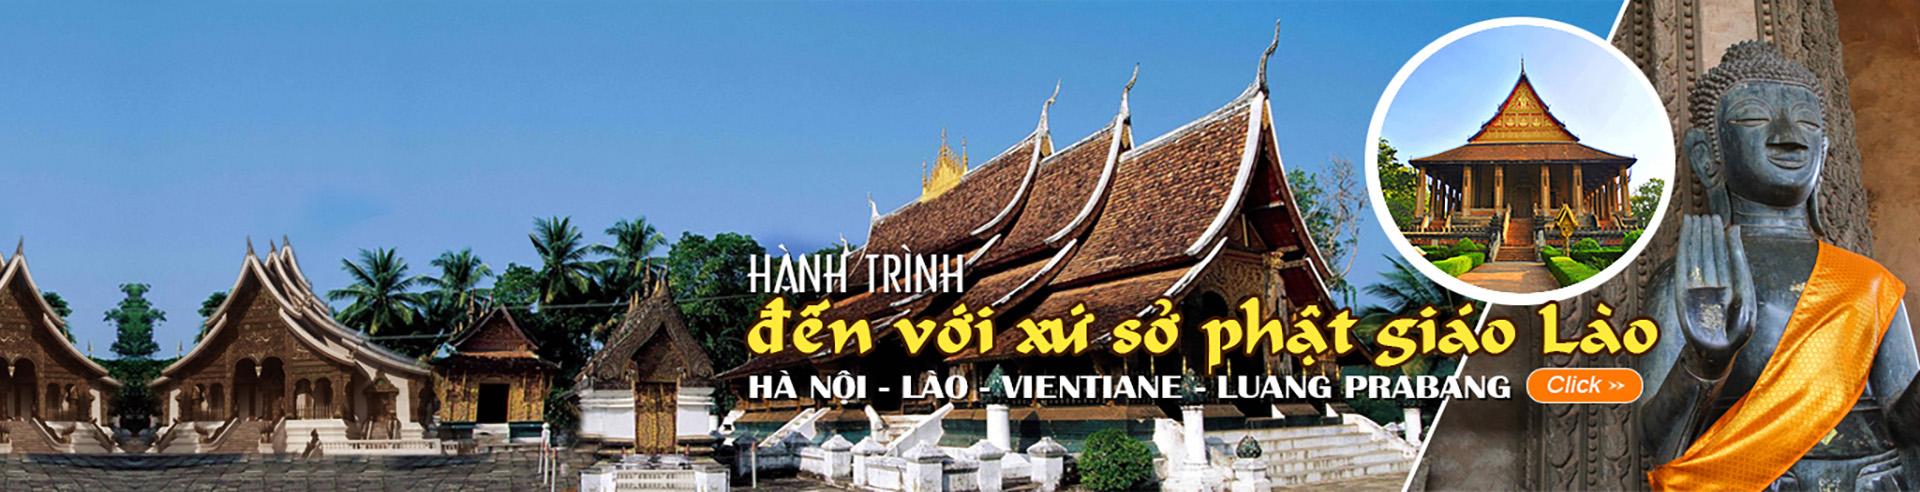 Lao: Hành trình đến xứ sở Phật giáo